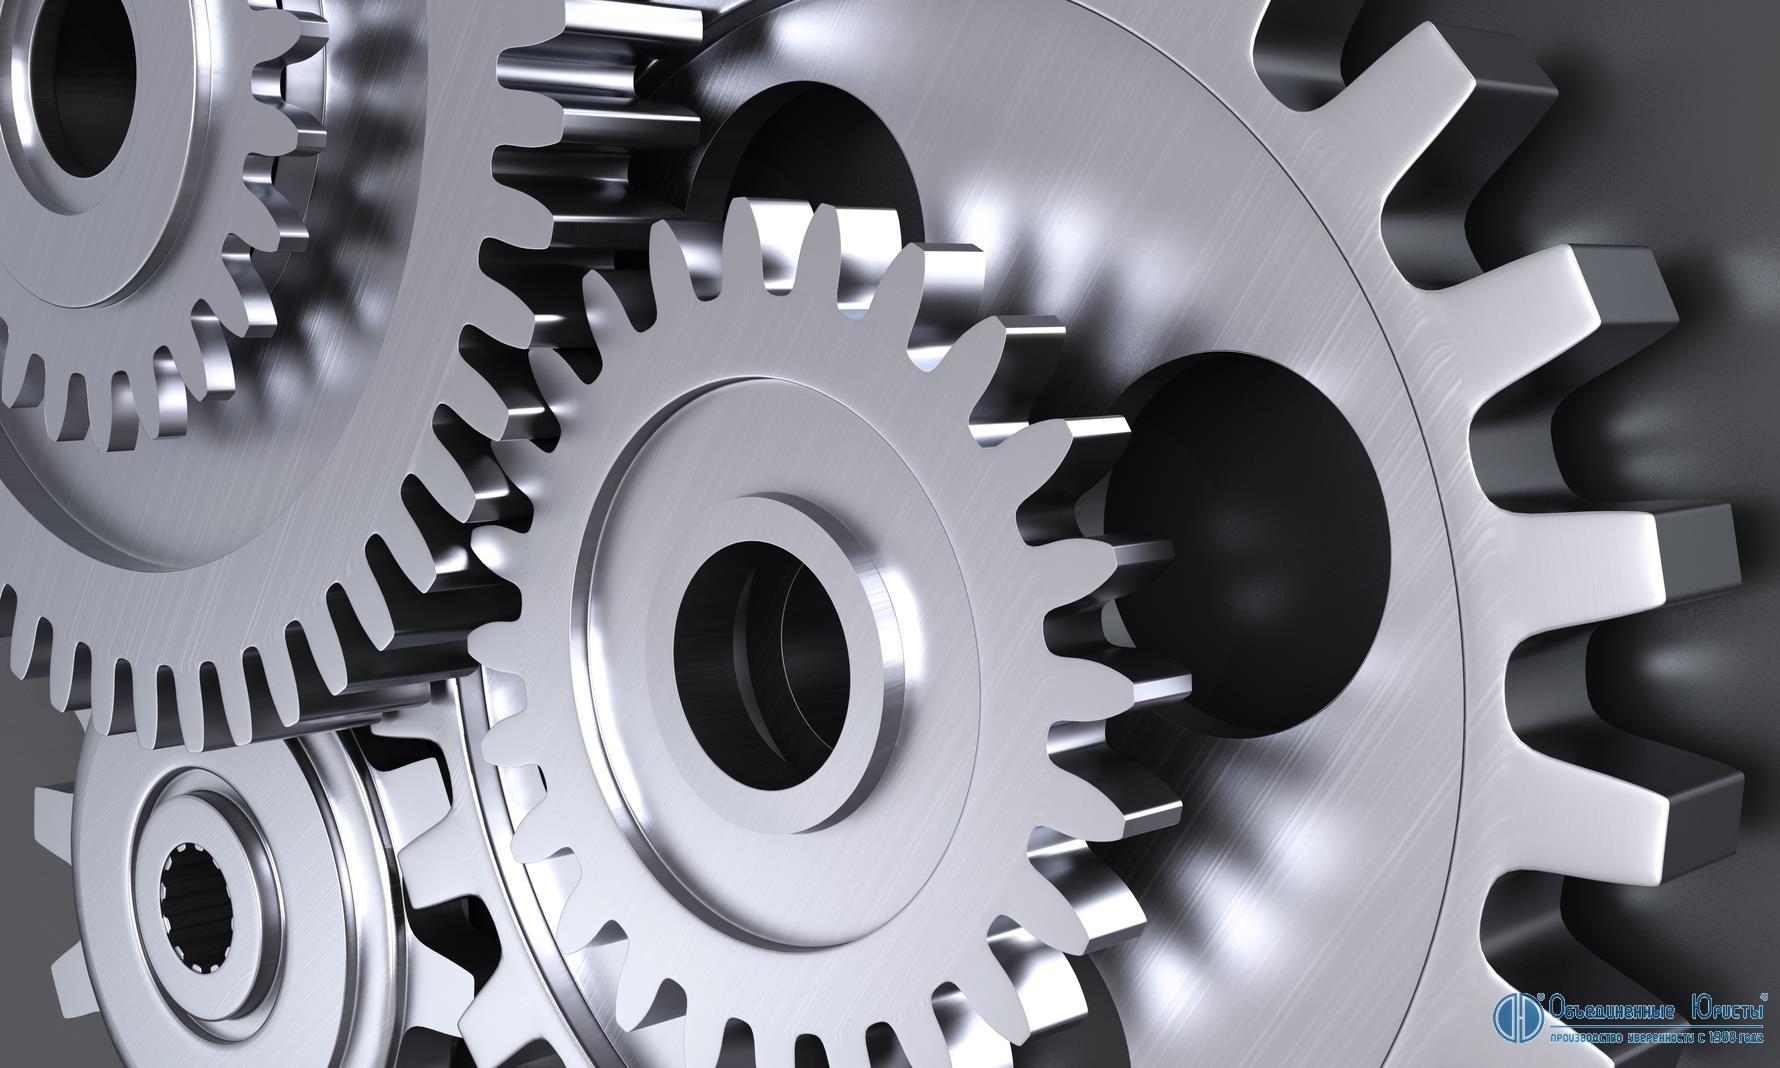 Патент на промышленный образец, патентование промышленного образца, промышленный образец, регистрация промышленного образца, стоимость, как, где   Объединенные Юристы